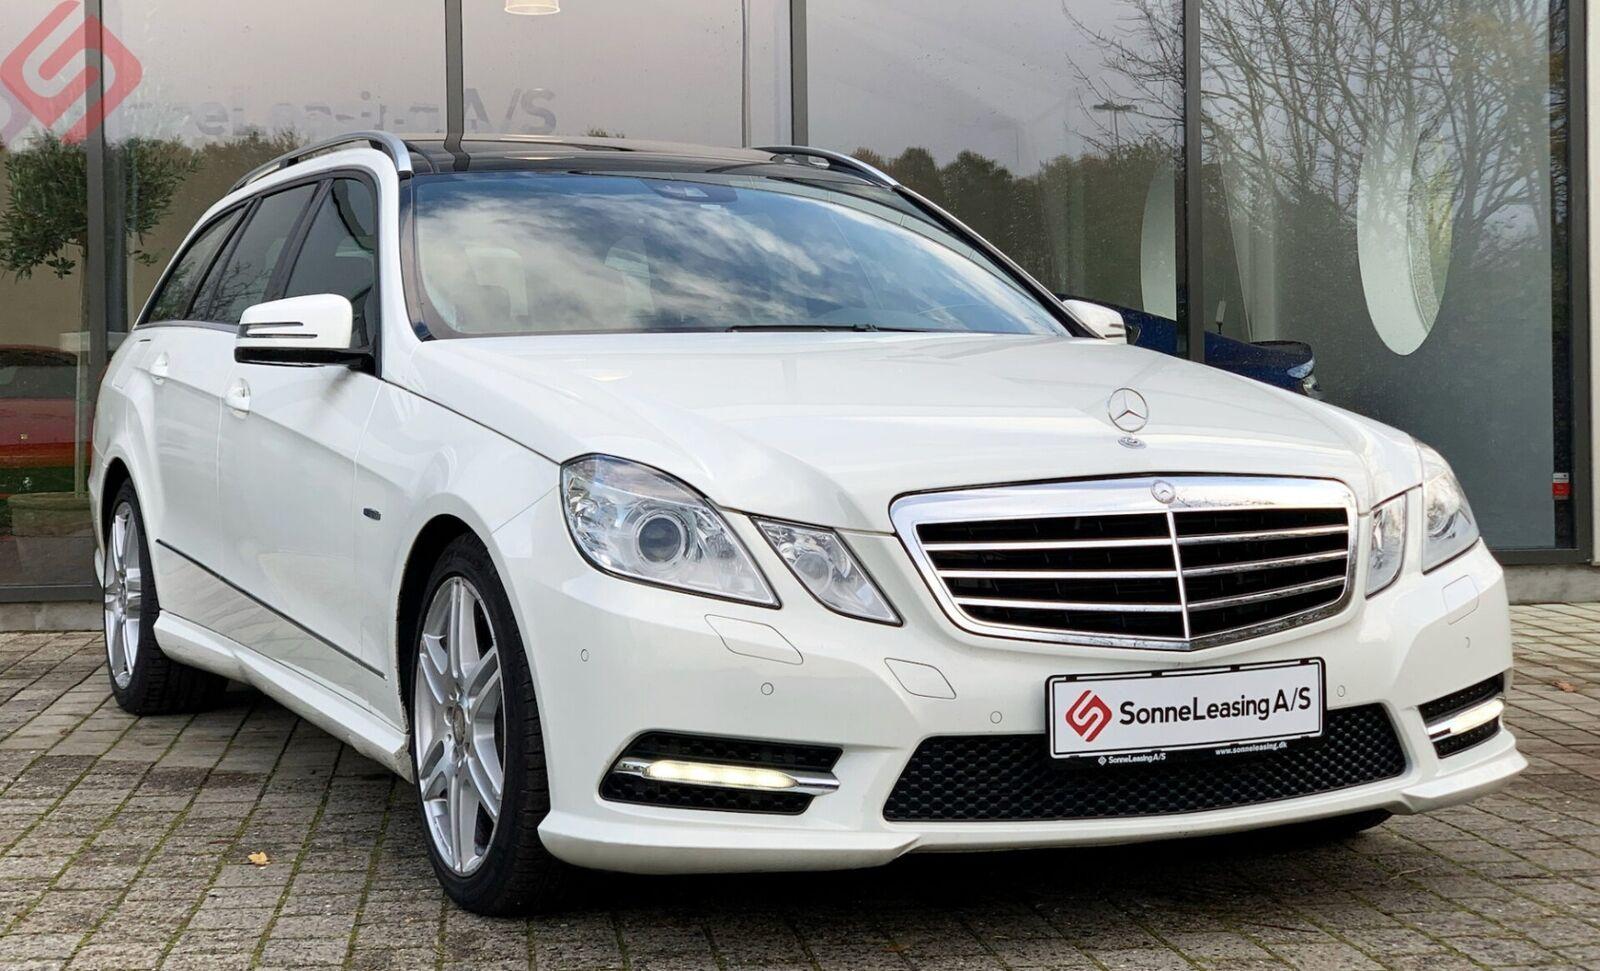 Mercedes E350 3,0 CDi Avantgarde stc aut 4-M BE 5d - 2.396 kr.